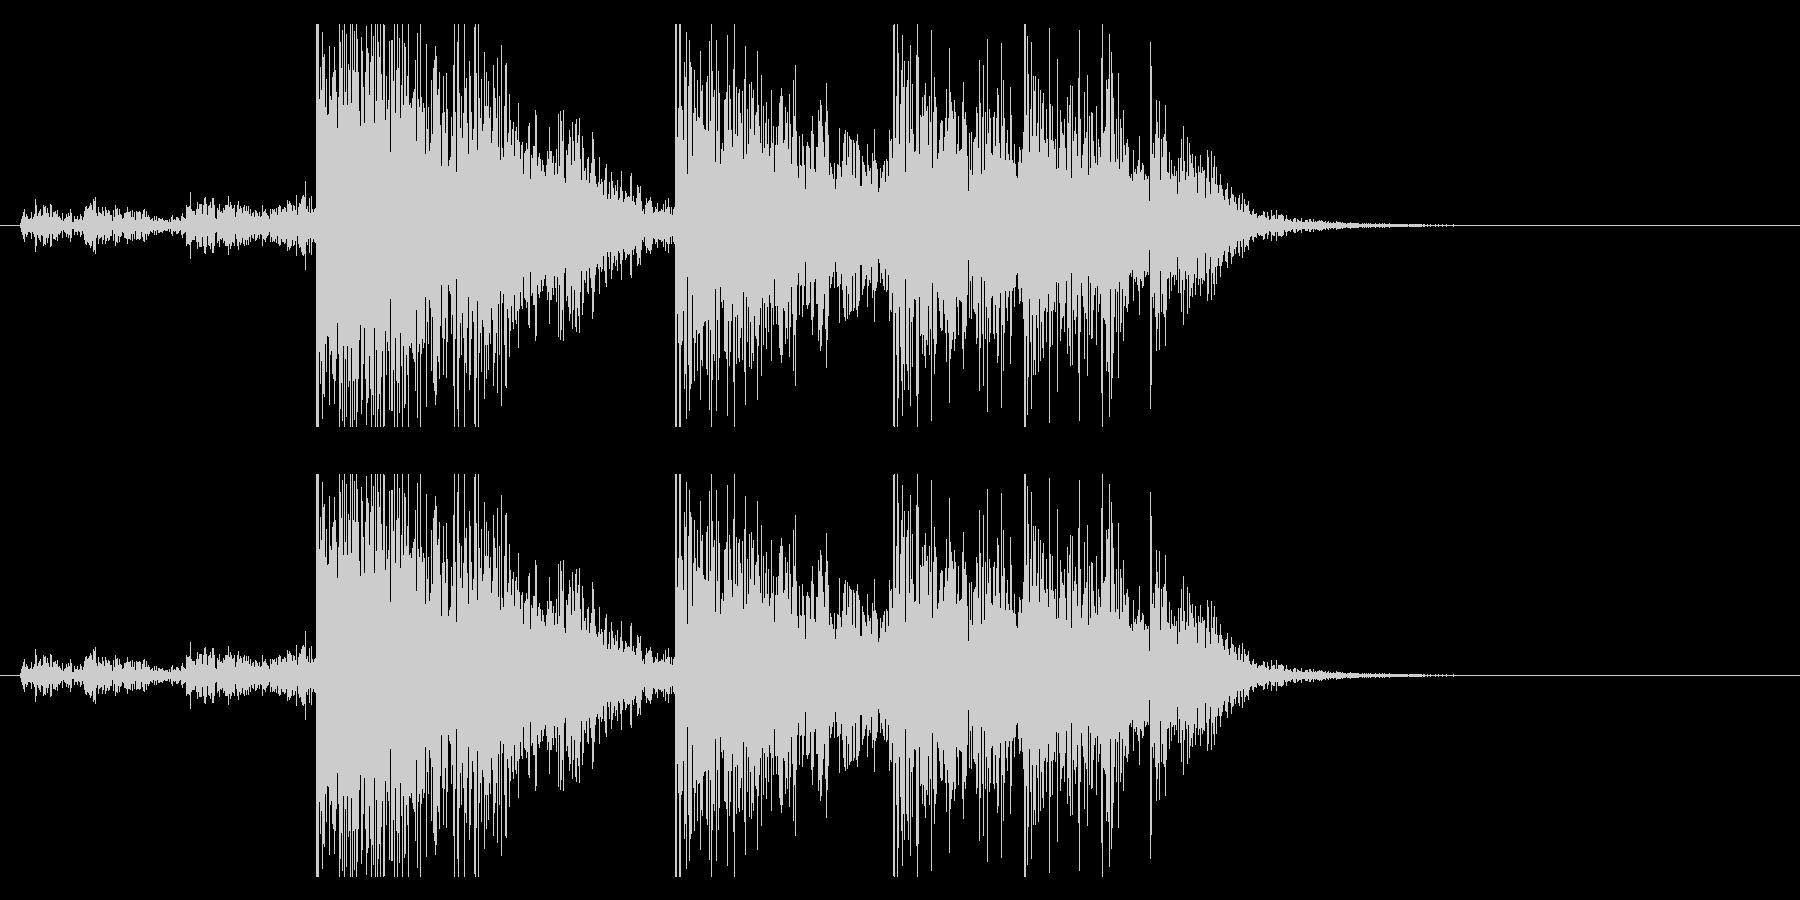 【生録音】ブリキのバケツの音 学校 7の未再生の波形